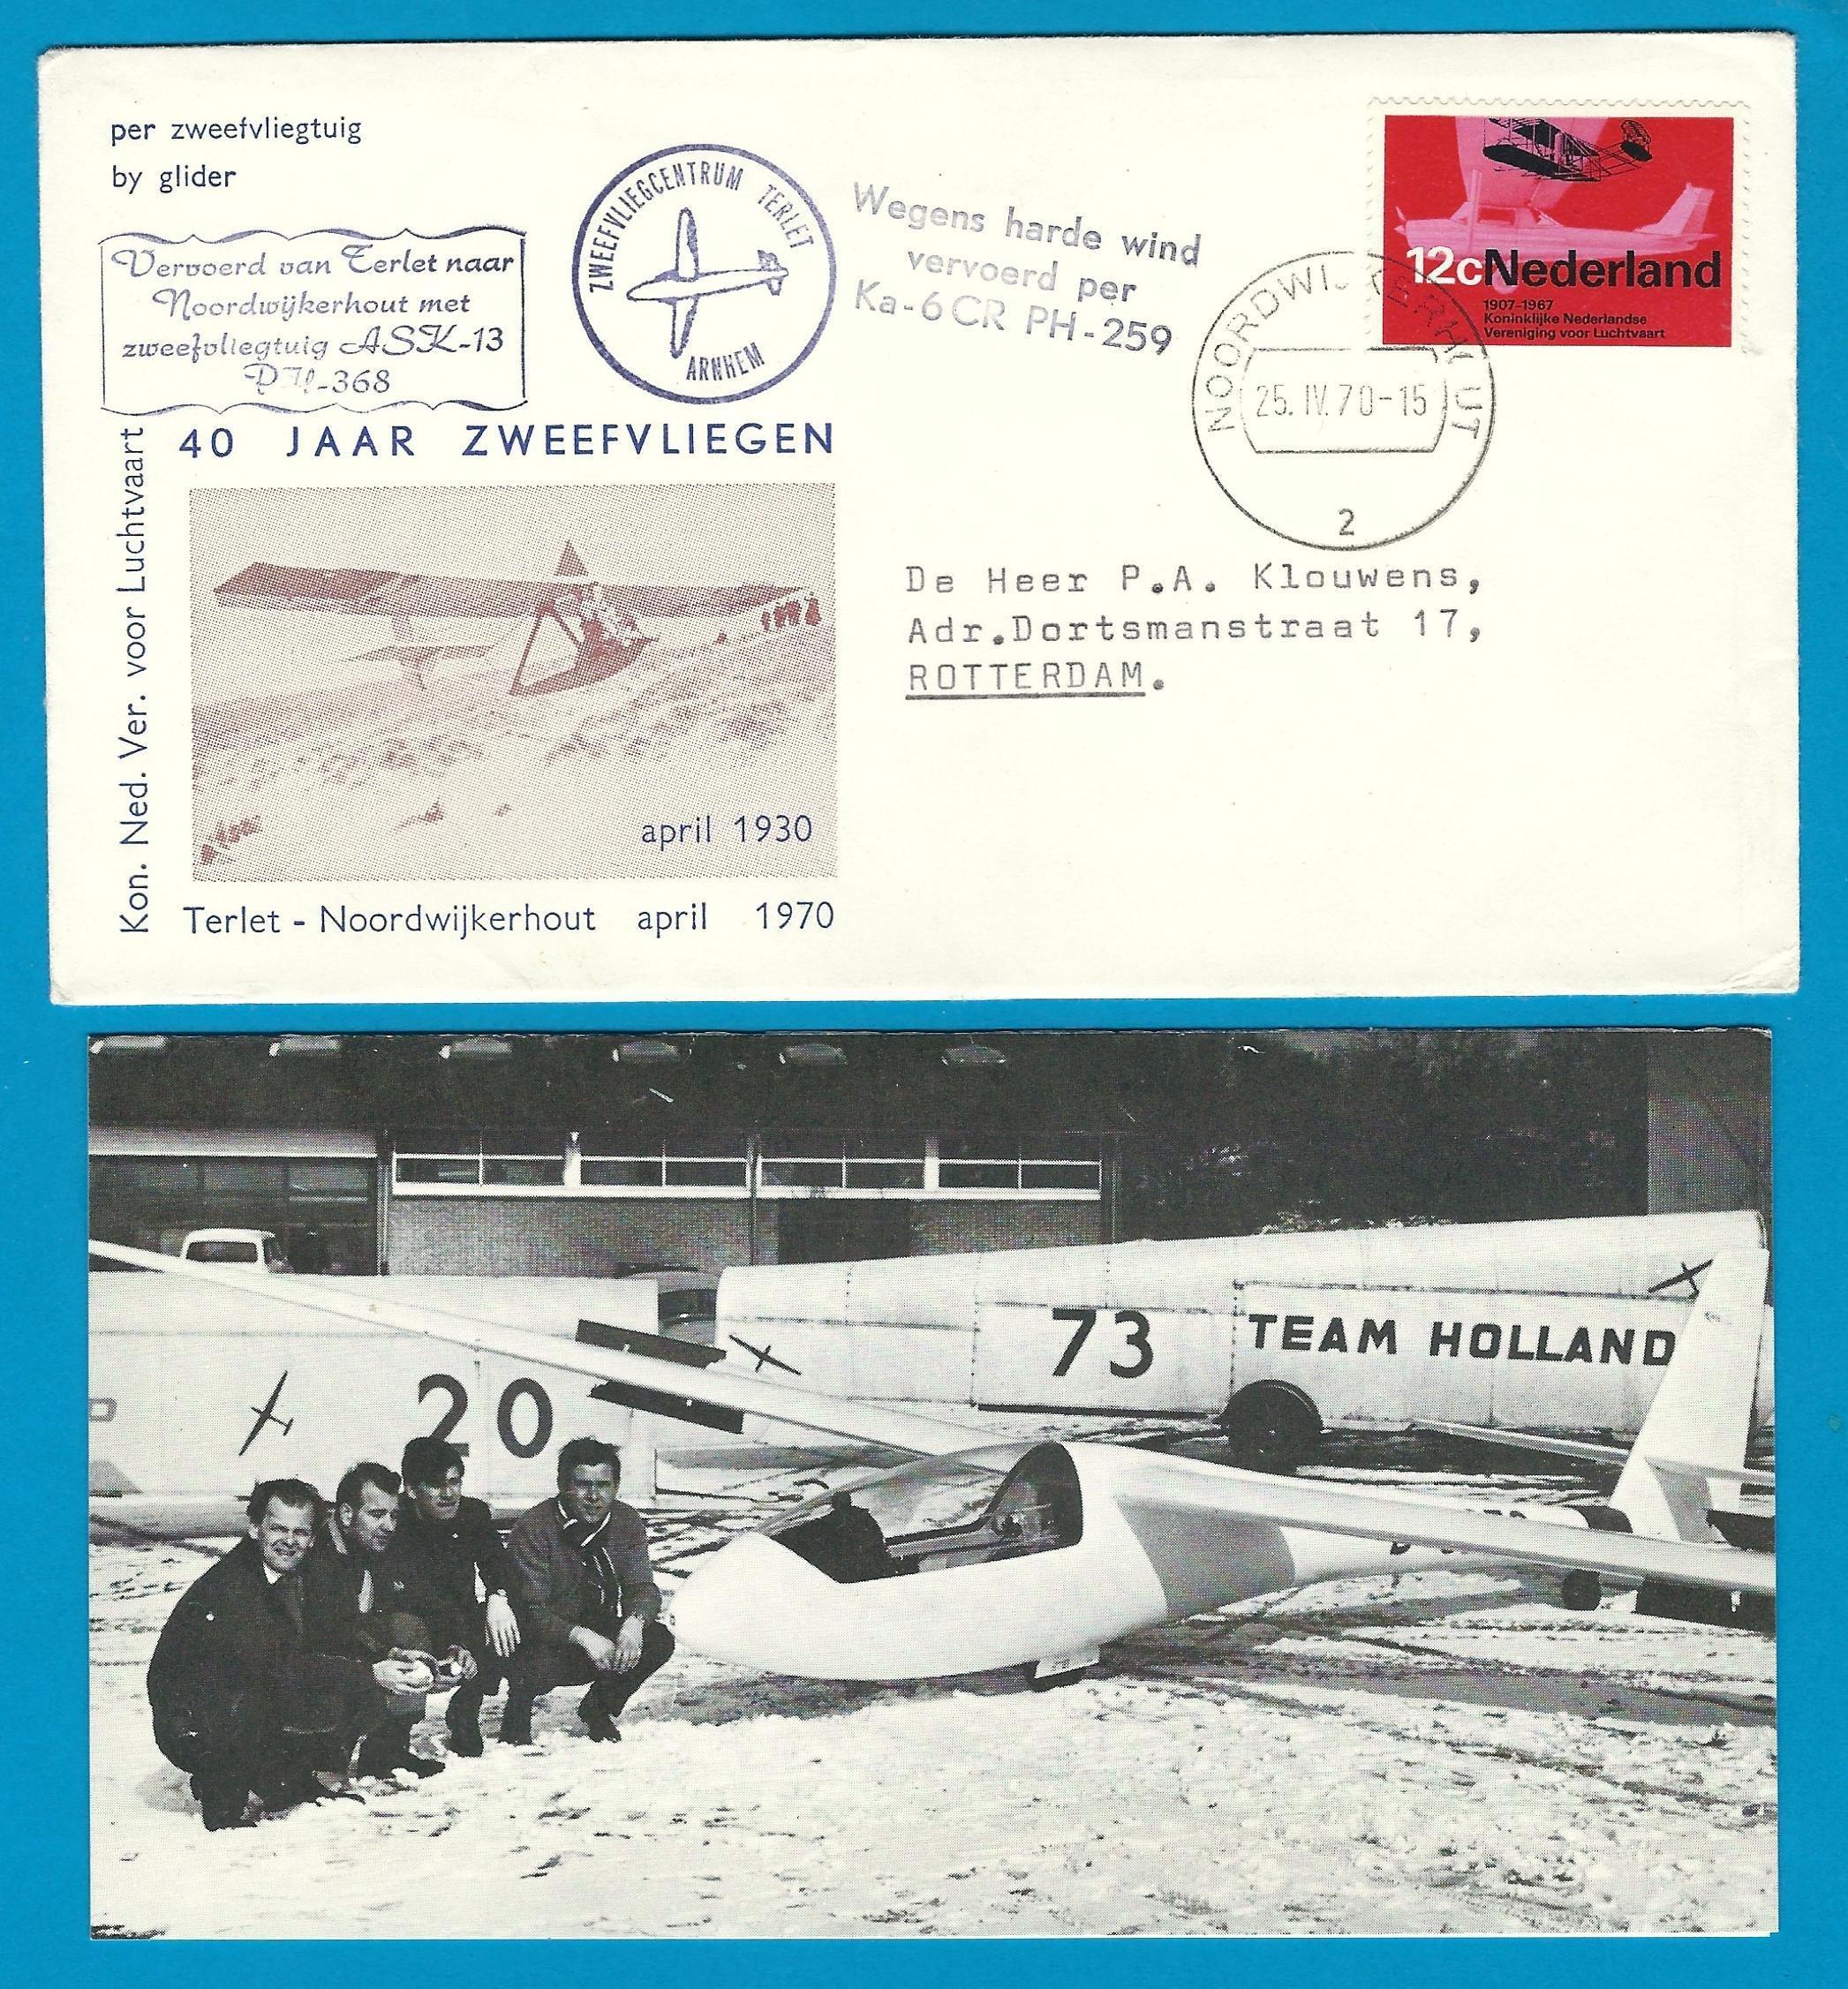 NEDERLAND Terlet zweefvlucht 1970 Noordwijkerhout NL7000